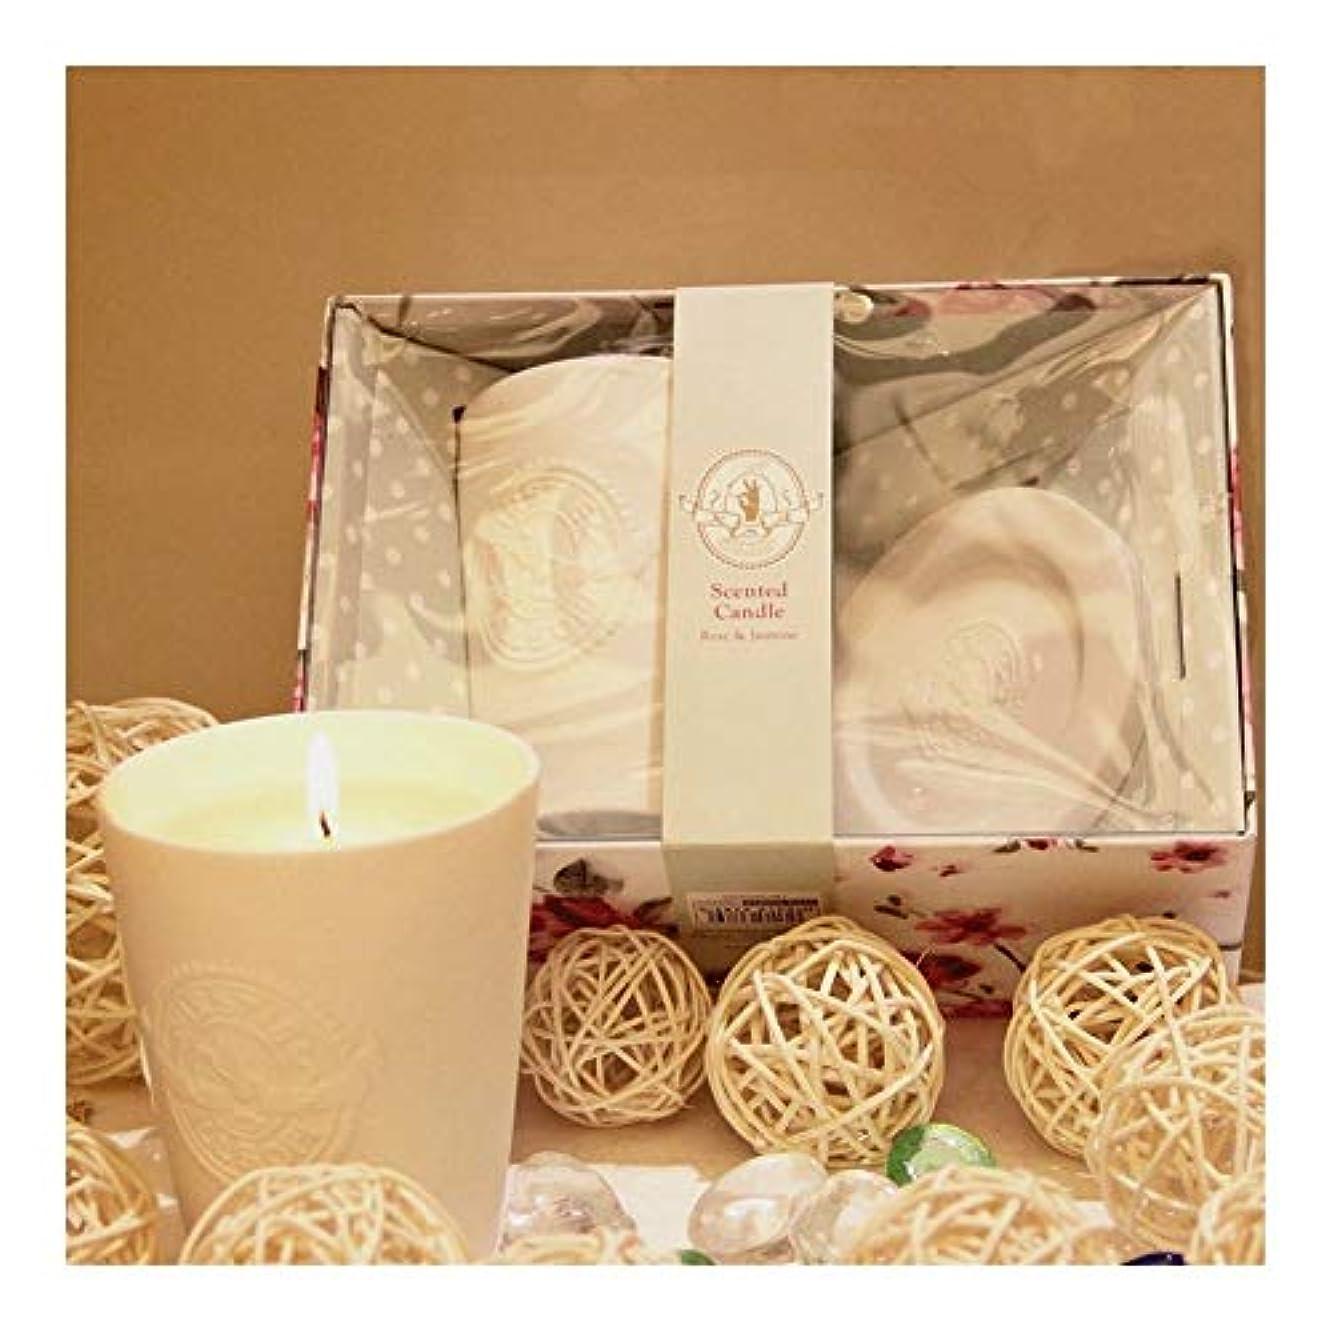 オリエンテーション高い違法ACAO 白い陶器のガラス、ワックス、香料入りの蝋燭、屋内臭気の蝋燭